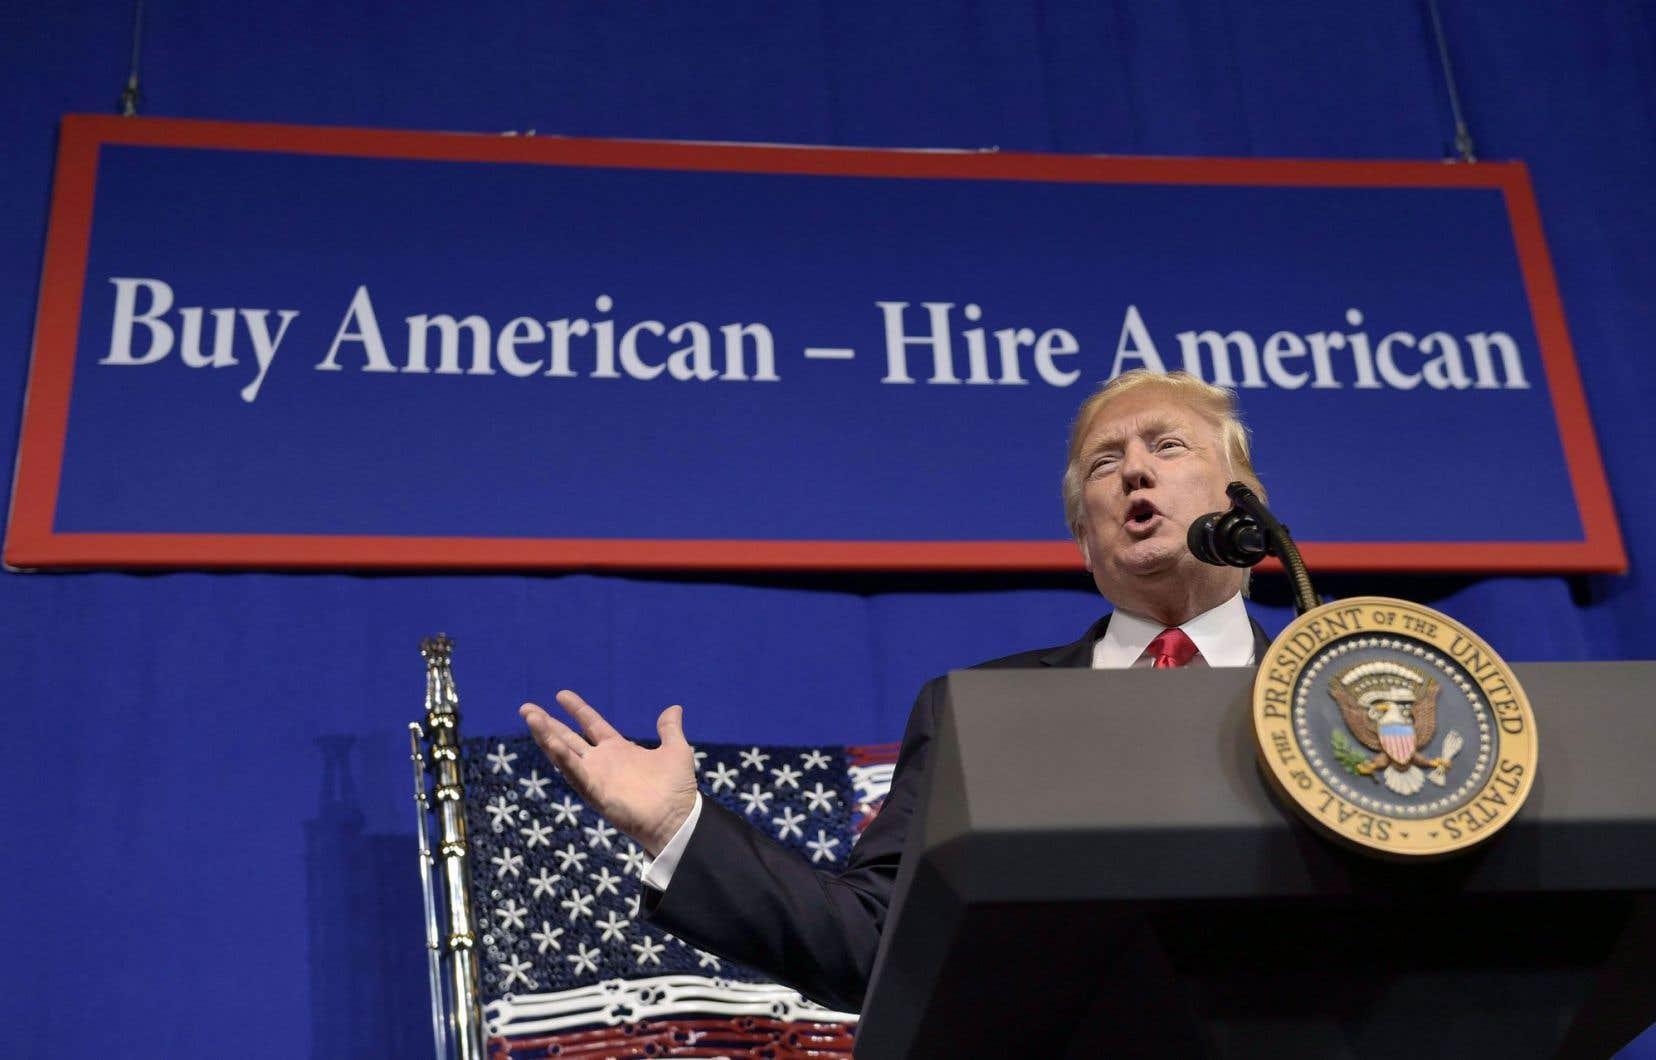 Ce qui est nouveau depuis l'arrivée du président Trump, c'est cette conception des rapports économiques internationaux qui est la sienne: une conception farouchement guerrière et binaire.